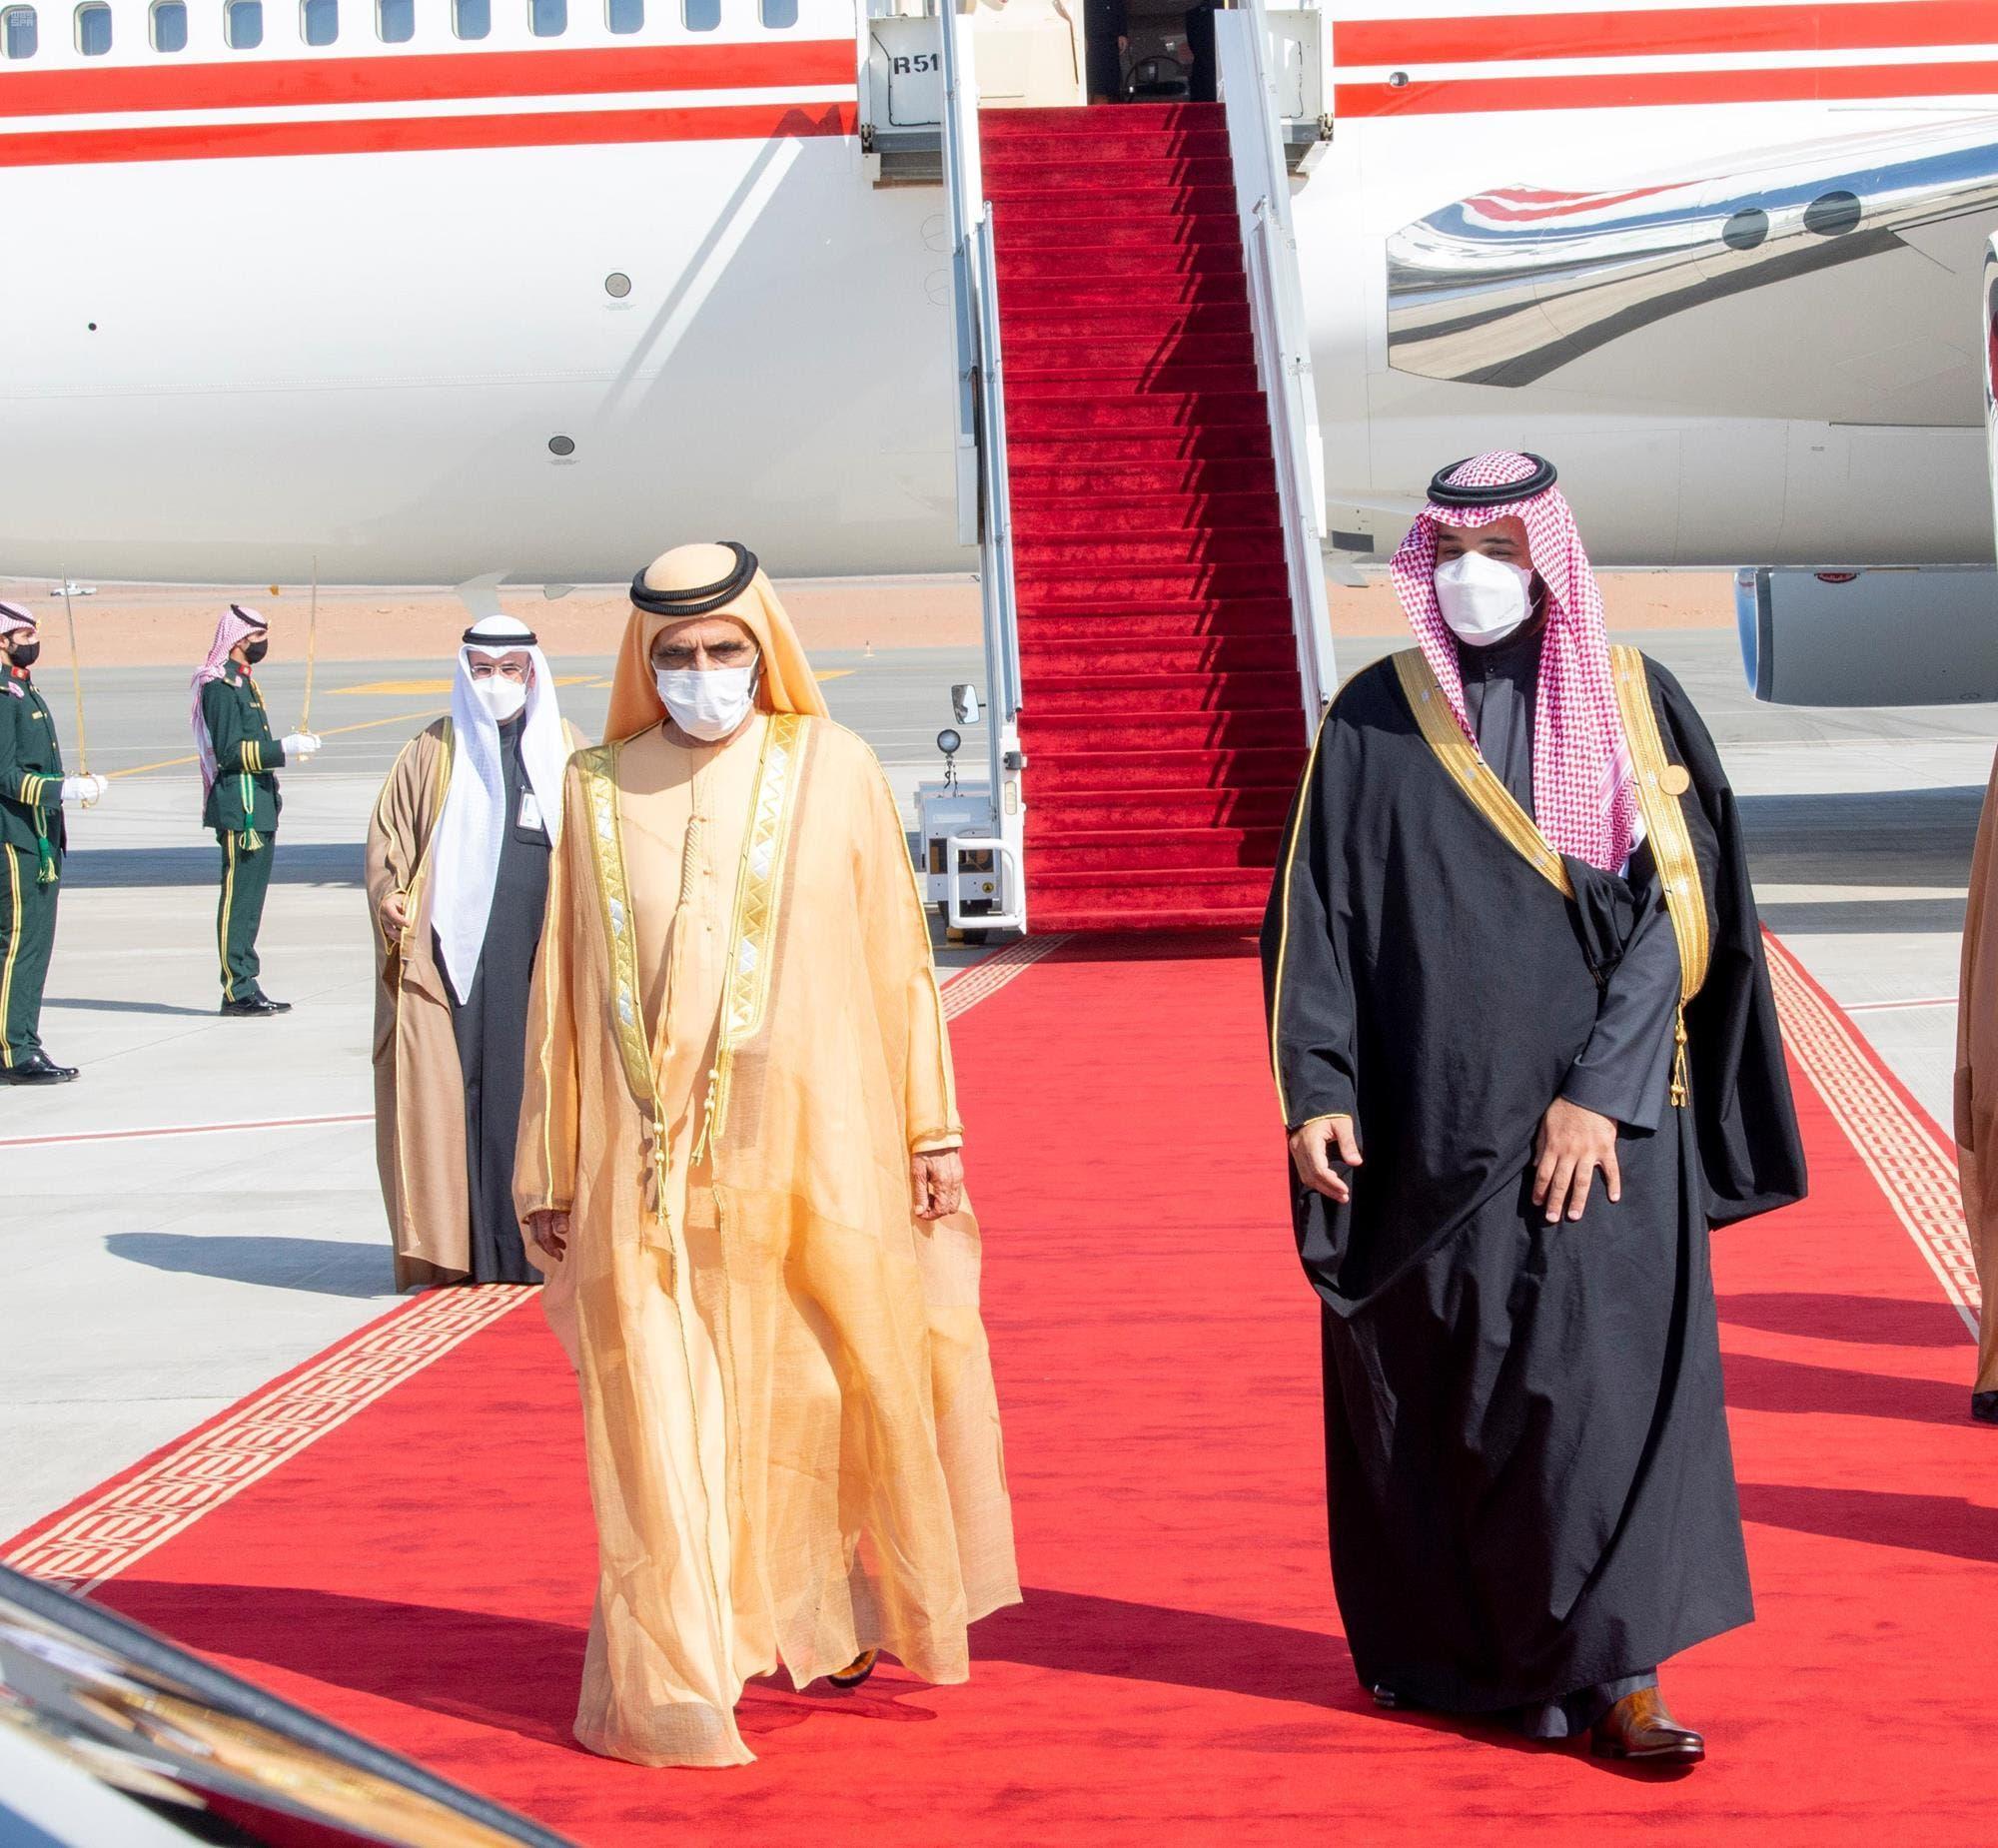 وصول نائب رئيس الإمارات رئيس مجلس الوزراء حاكم دبي